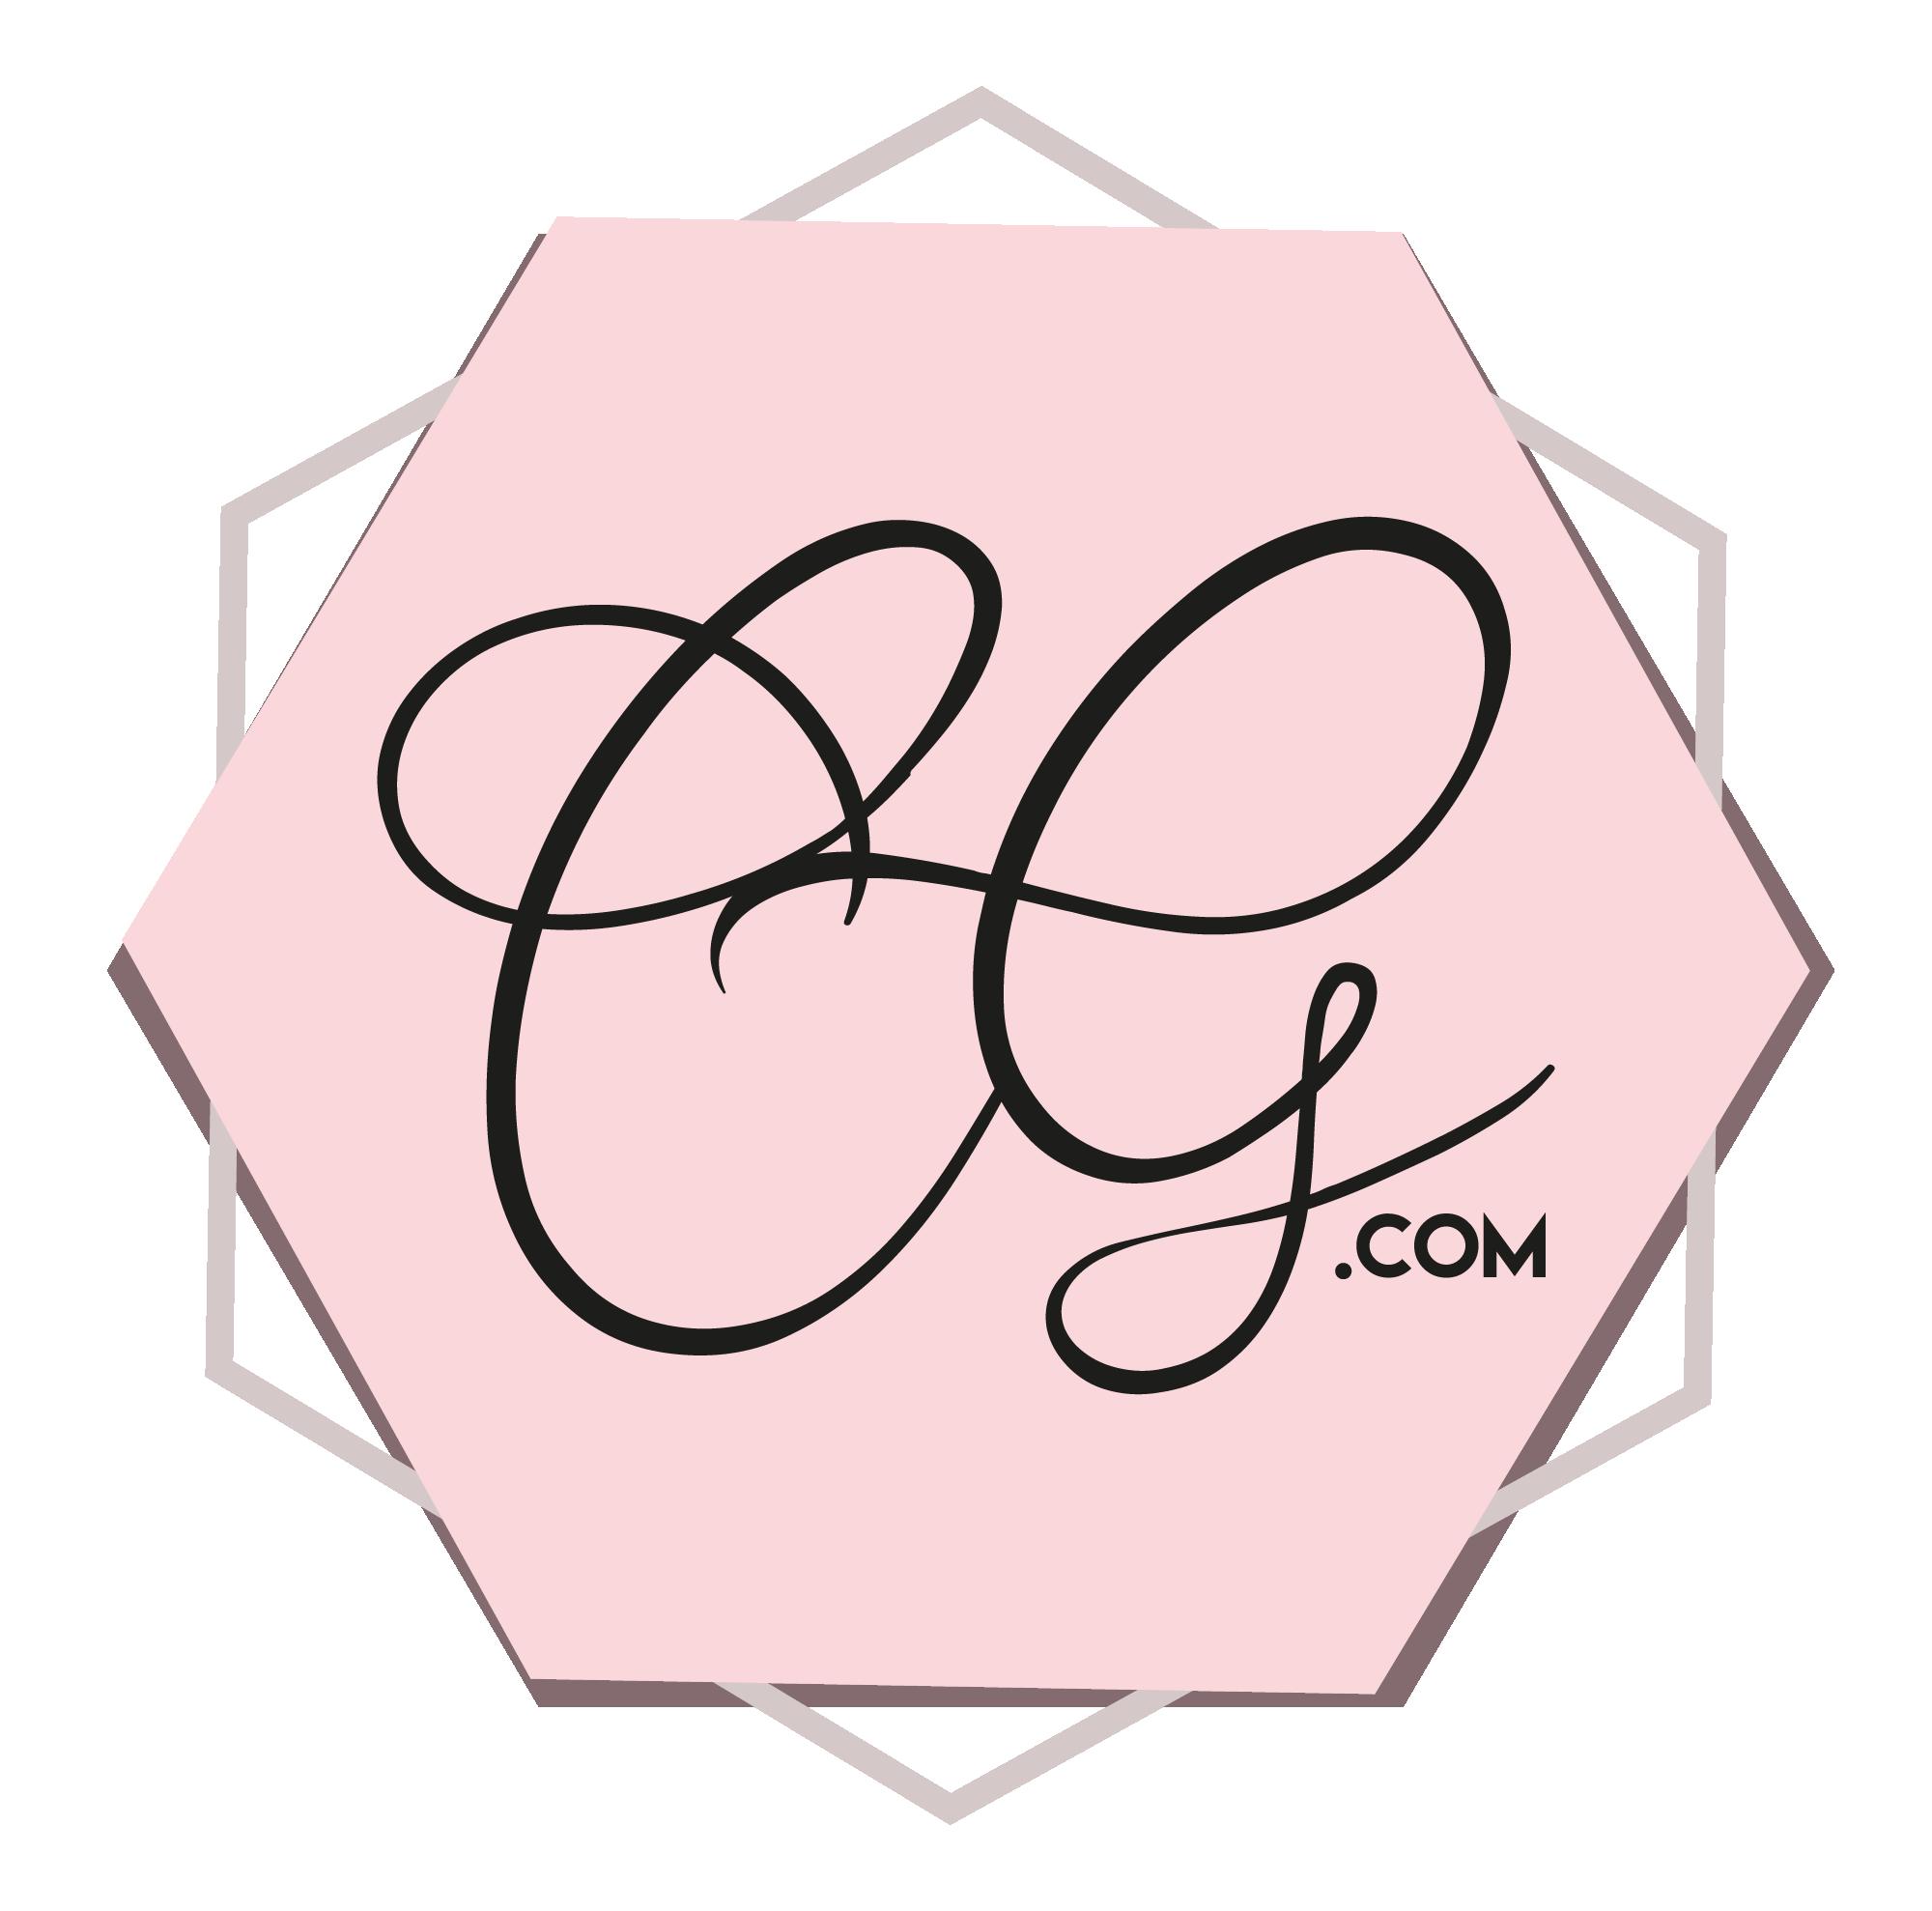 CamilleGravel.com